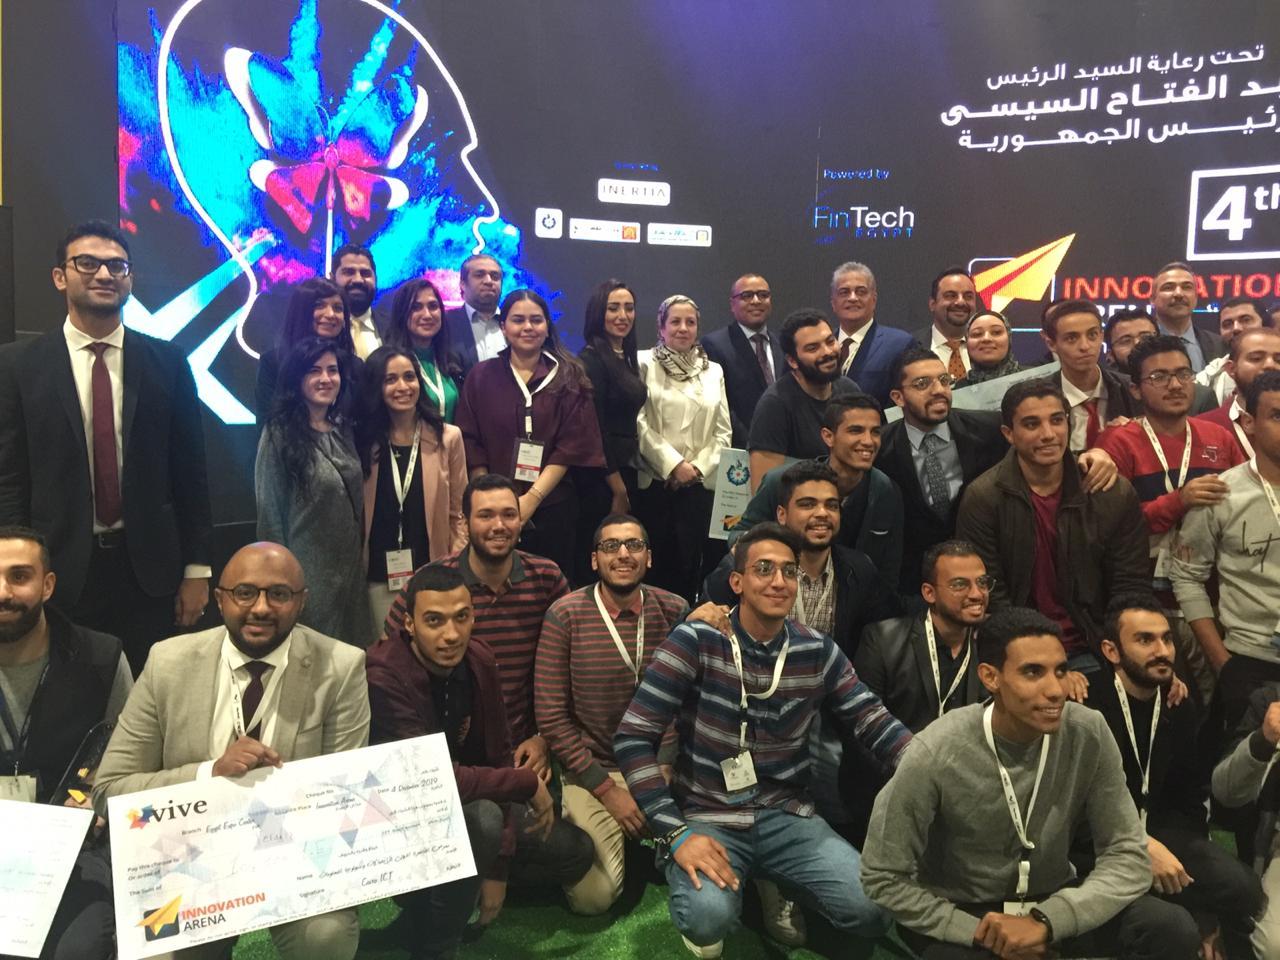 في ختام cairo ict 2019.. إعلان الفائزين في مسابقة أفضل المشروعات الناشئة بملتقى الابتكار «Innovation Arena»